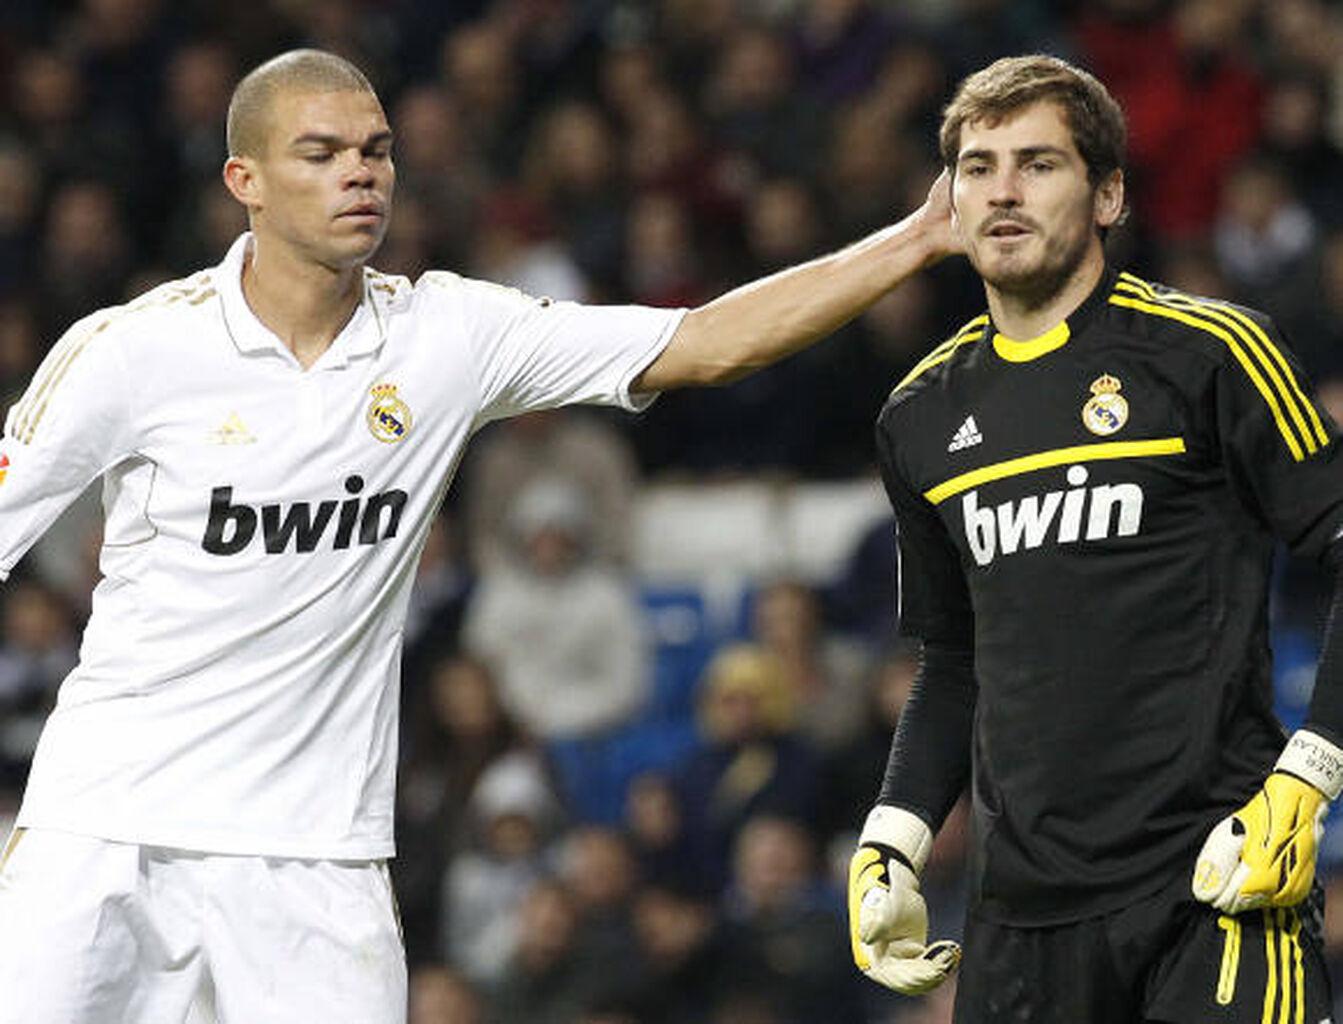 b65cd2b8808ff Fútbol - Pepe ve injusto que se diga que el Barça es